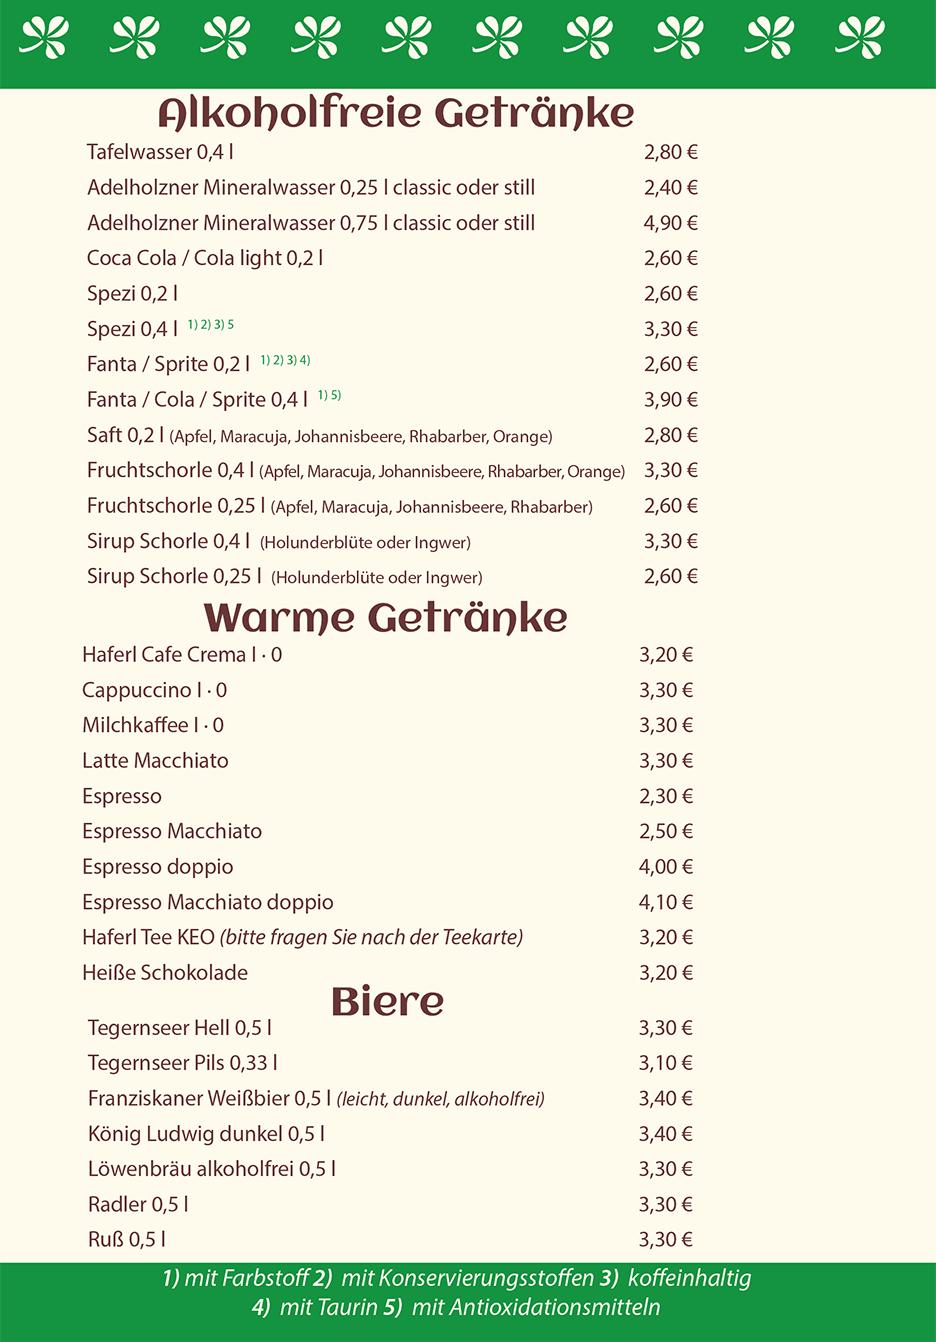 Speisekarte 2020 Seite 3